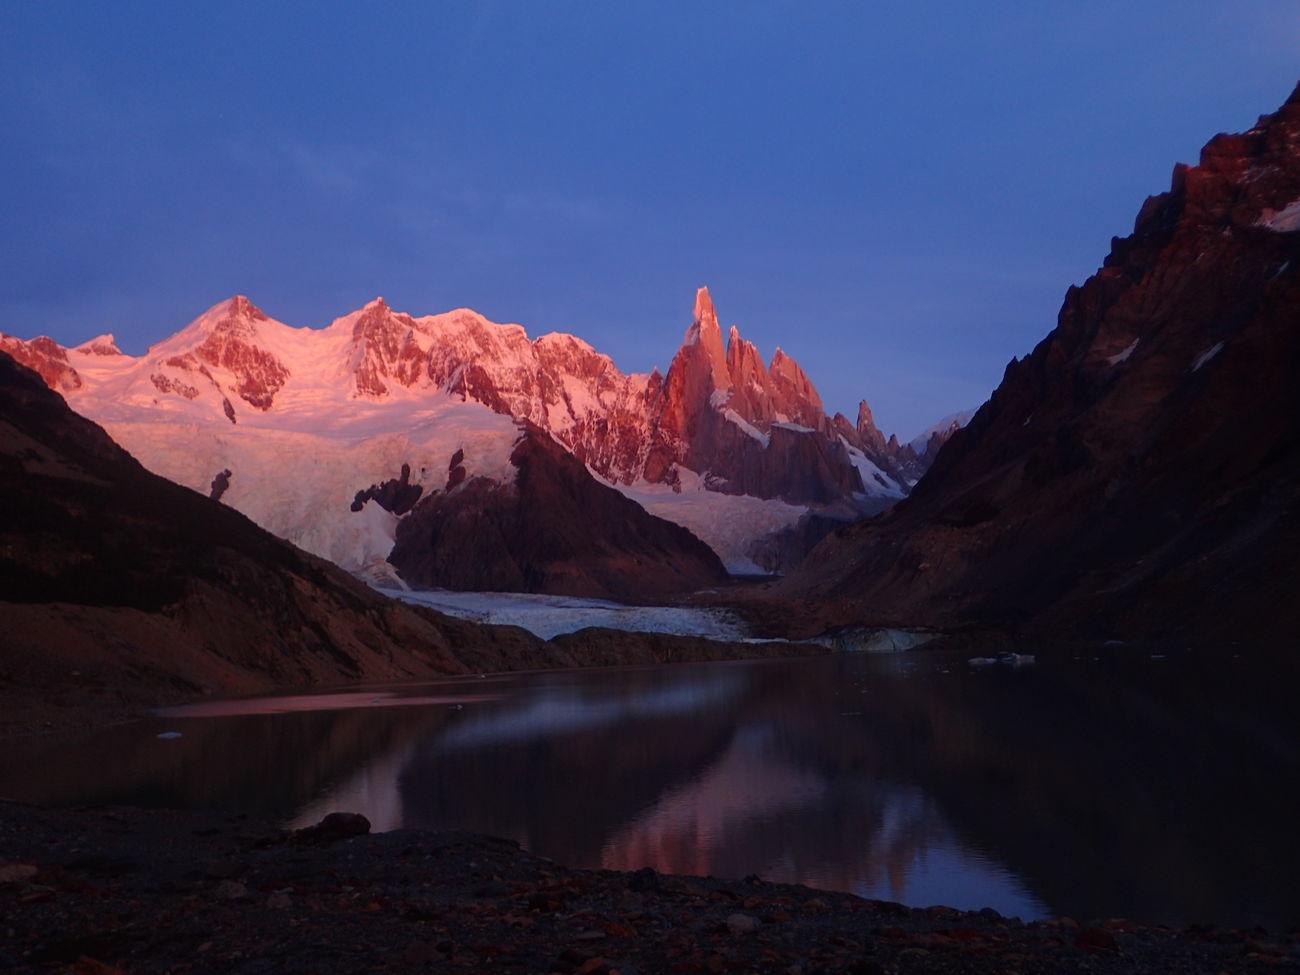 Sunrise at Cerro Torre in Patagonia